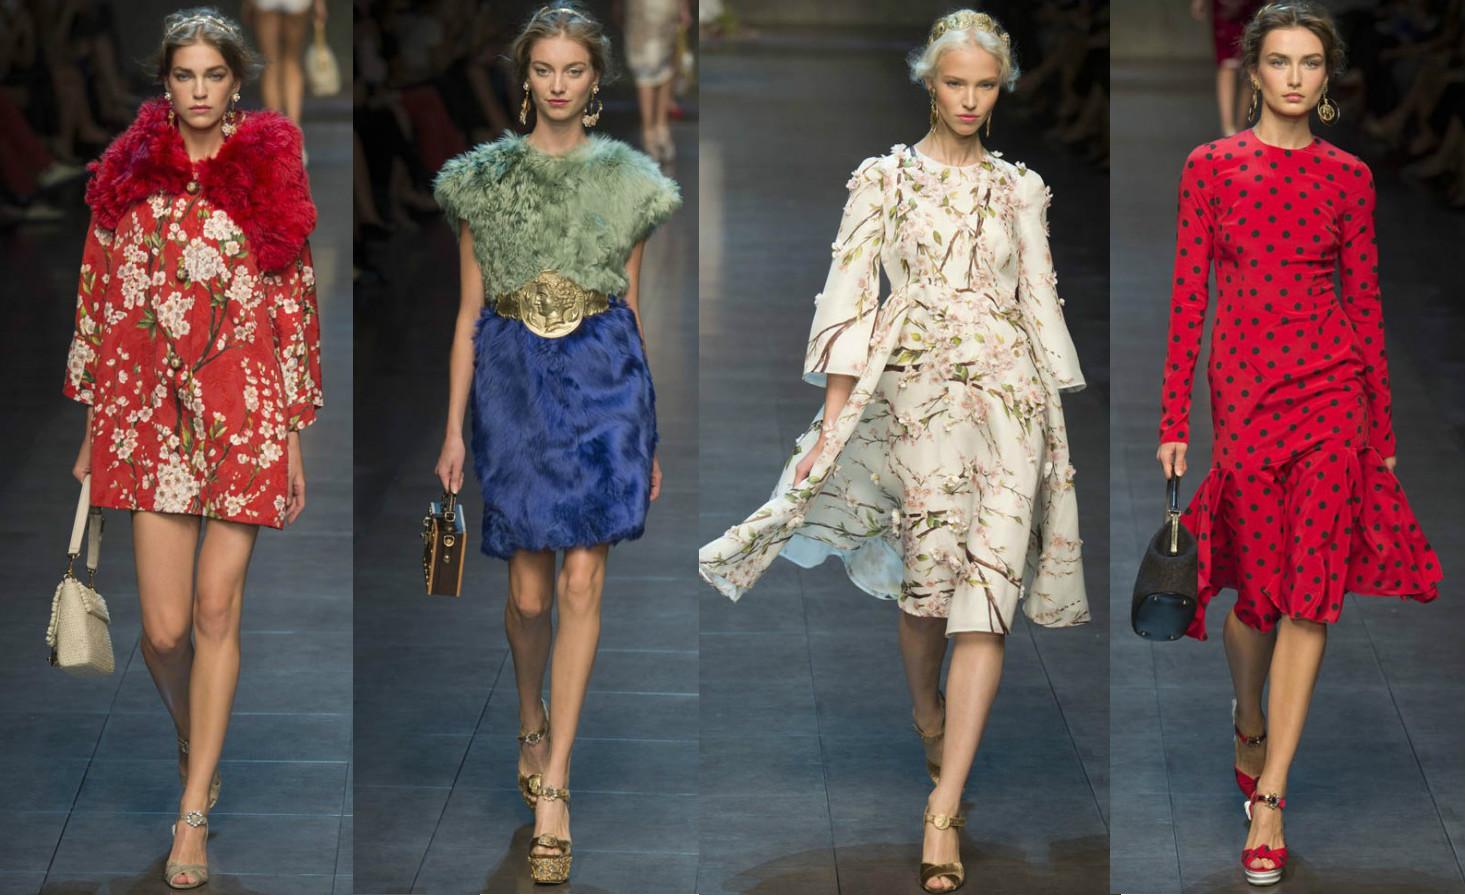 Коллекция Dolce & Gabbana 2014 на Весну-Лето